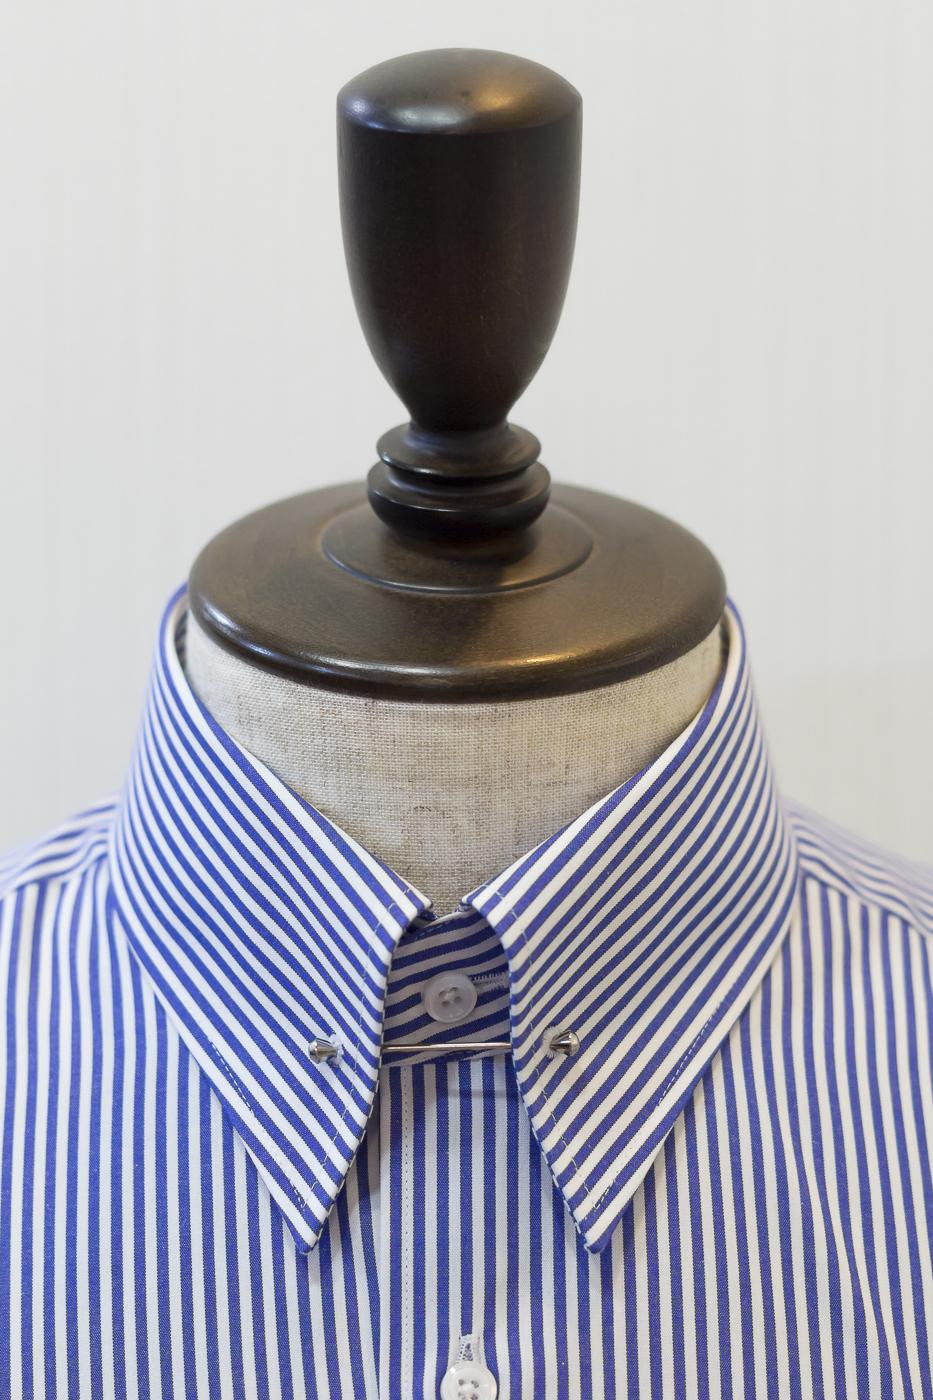 ピンホールカラー テーラーフクオカ オーダーシャツ